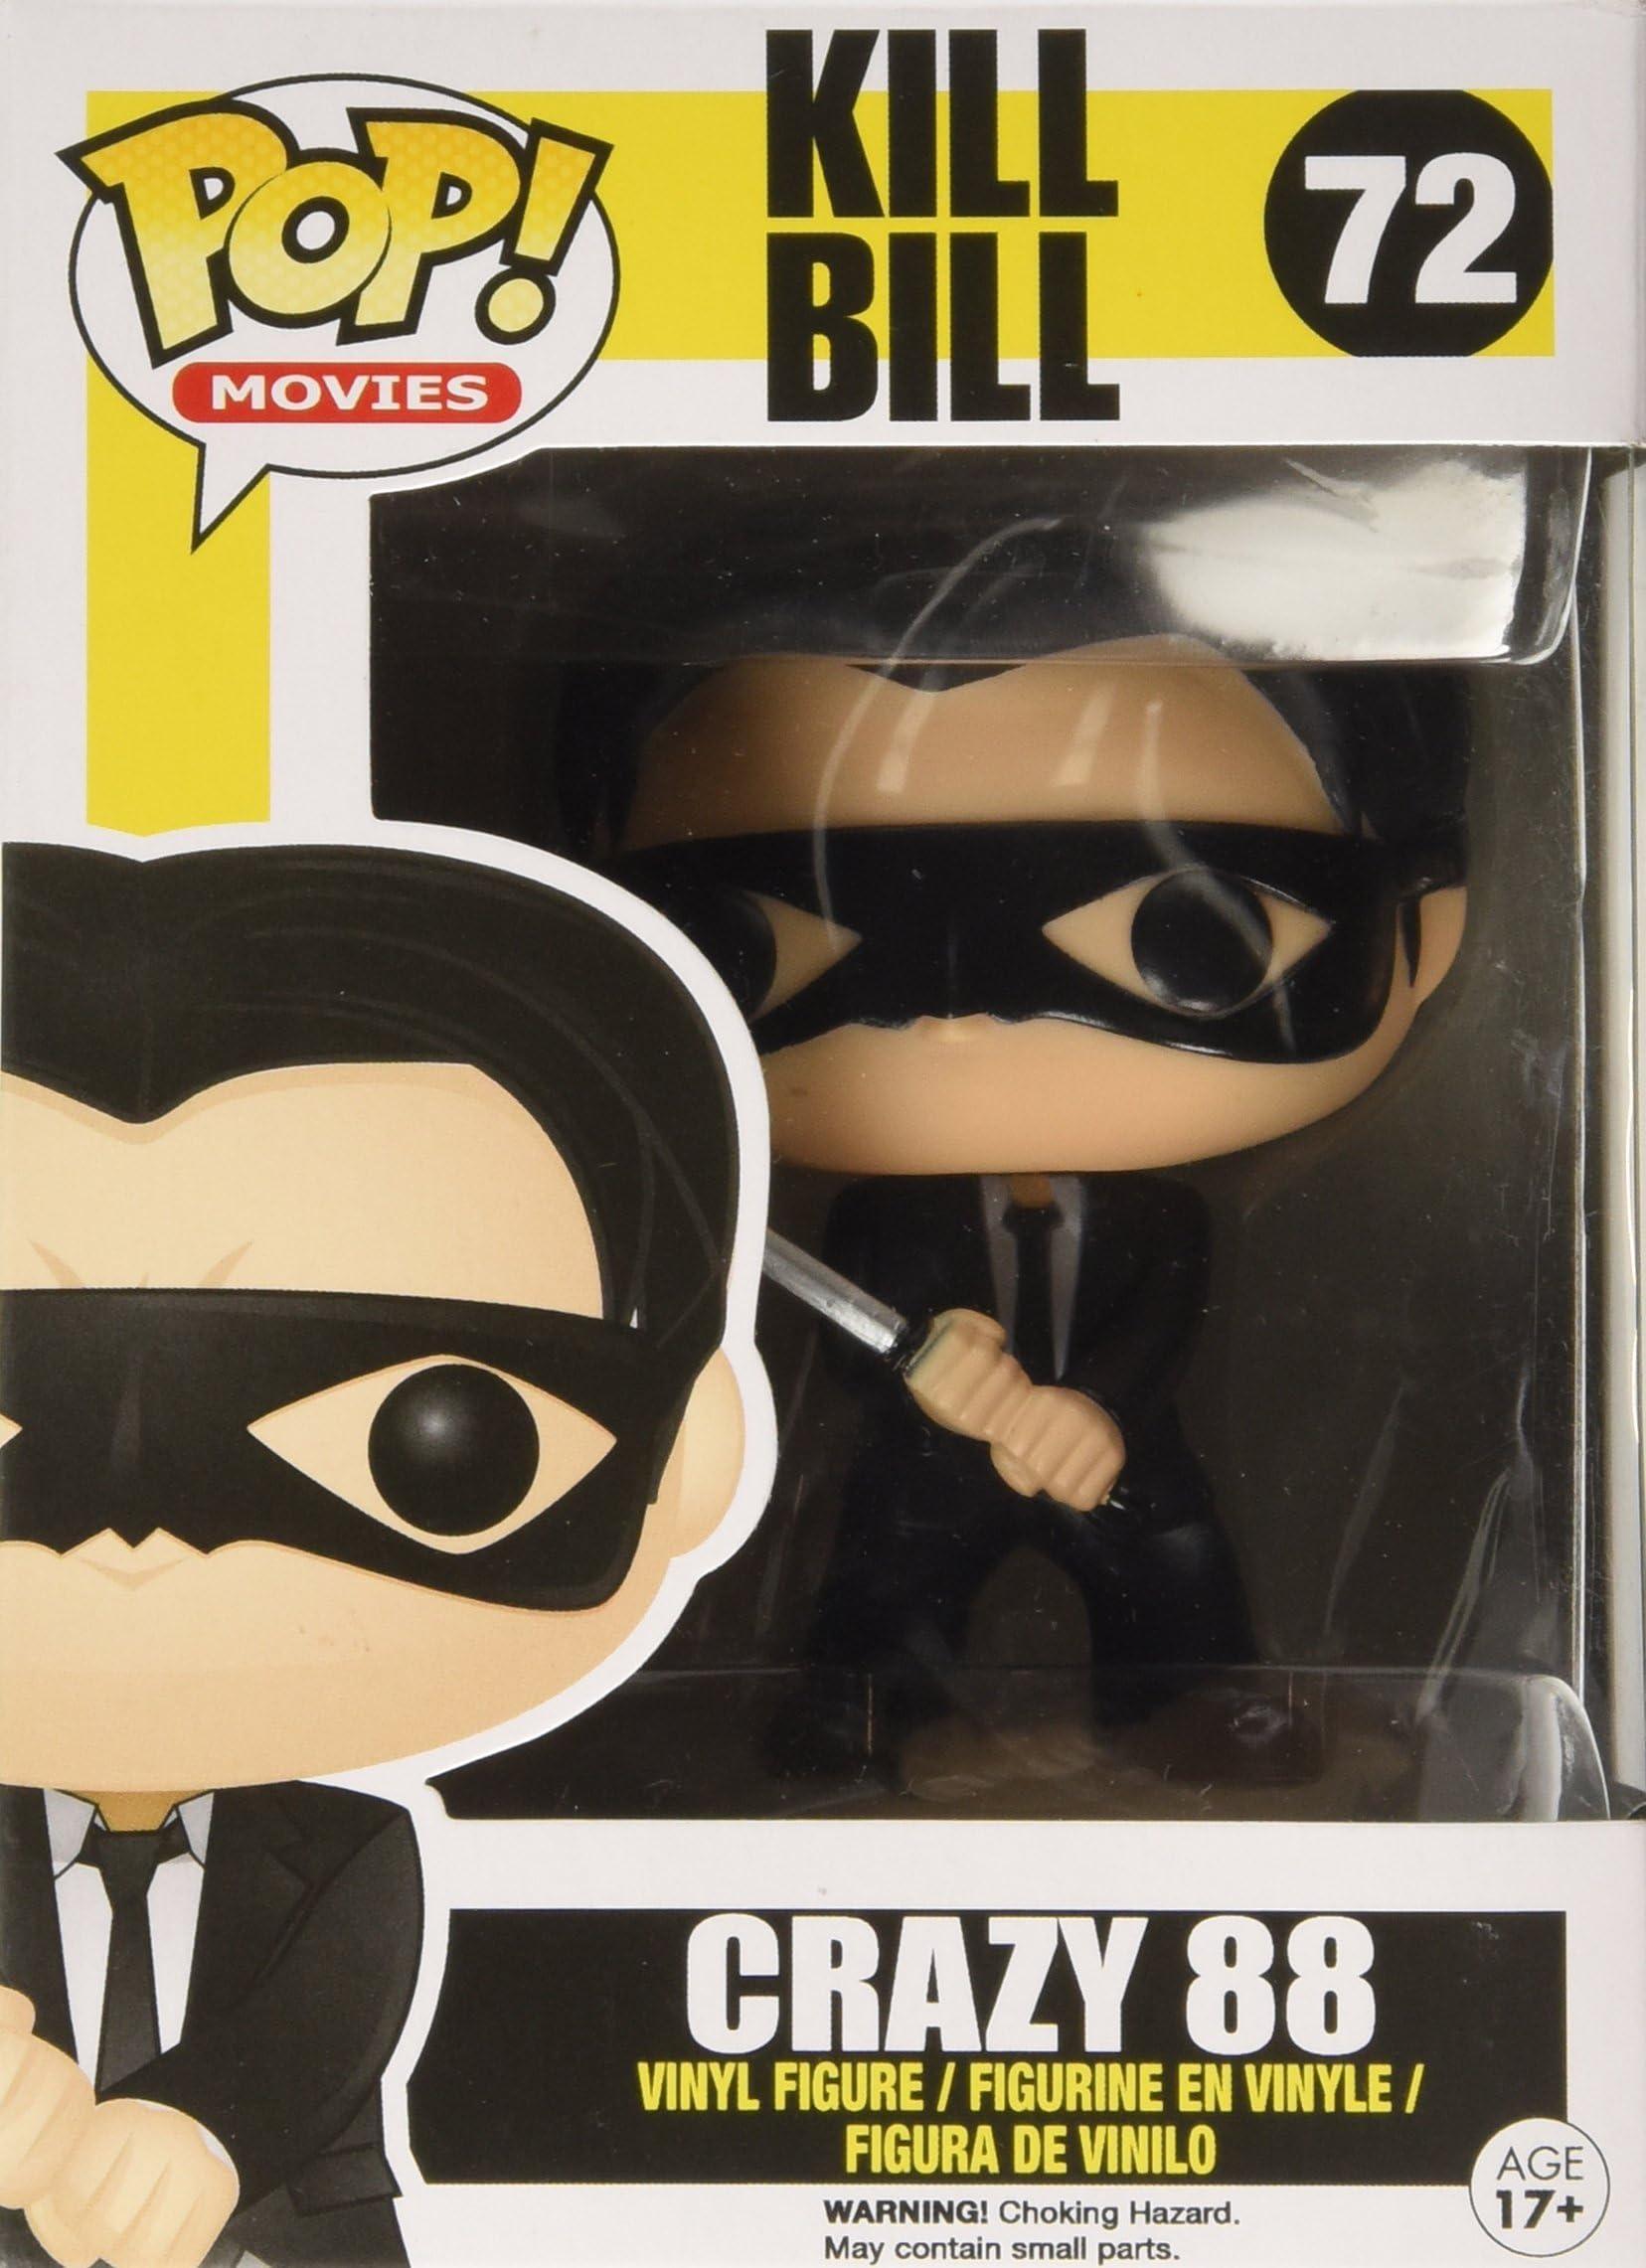 FUNKO POP KILL BILL BILL FIGURINE VINYLE